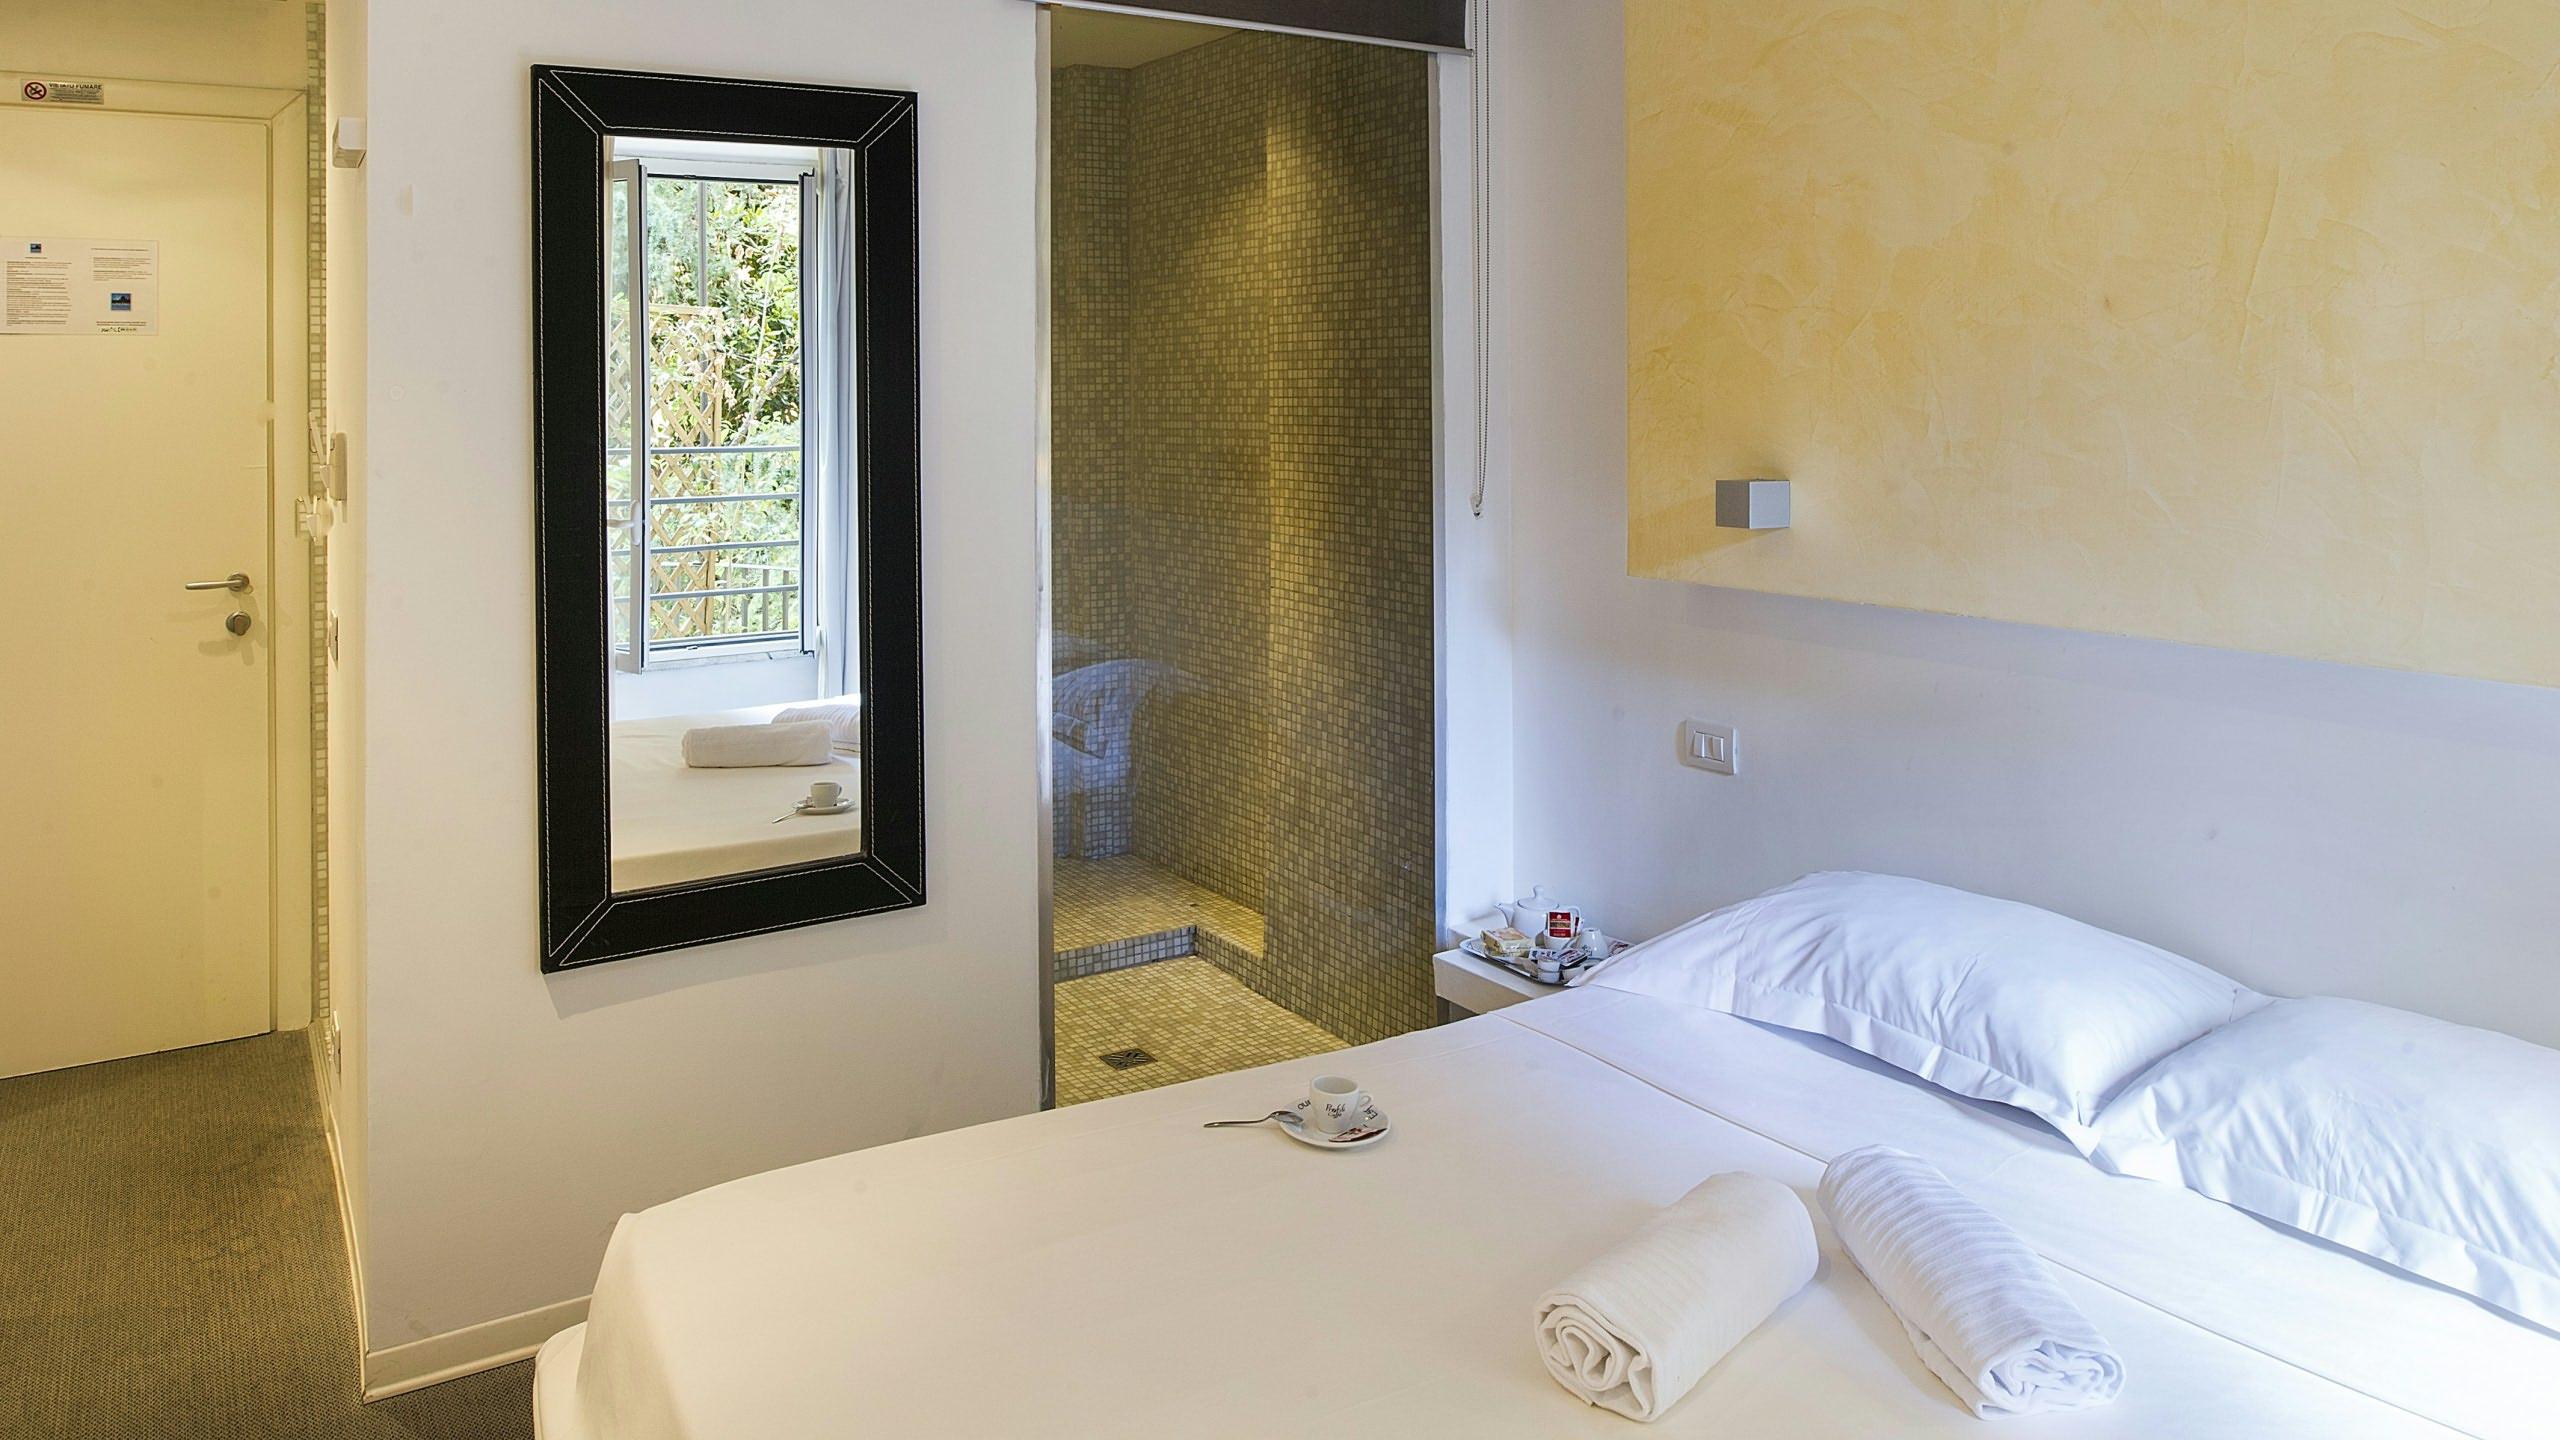 hotel-relais-san-pietro-roma-habitación-superior-03